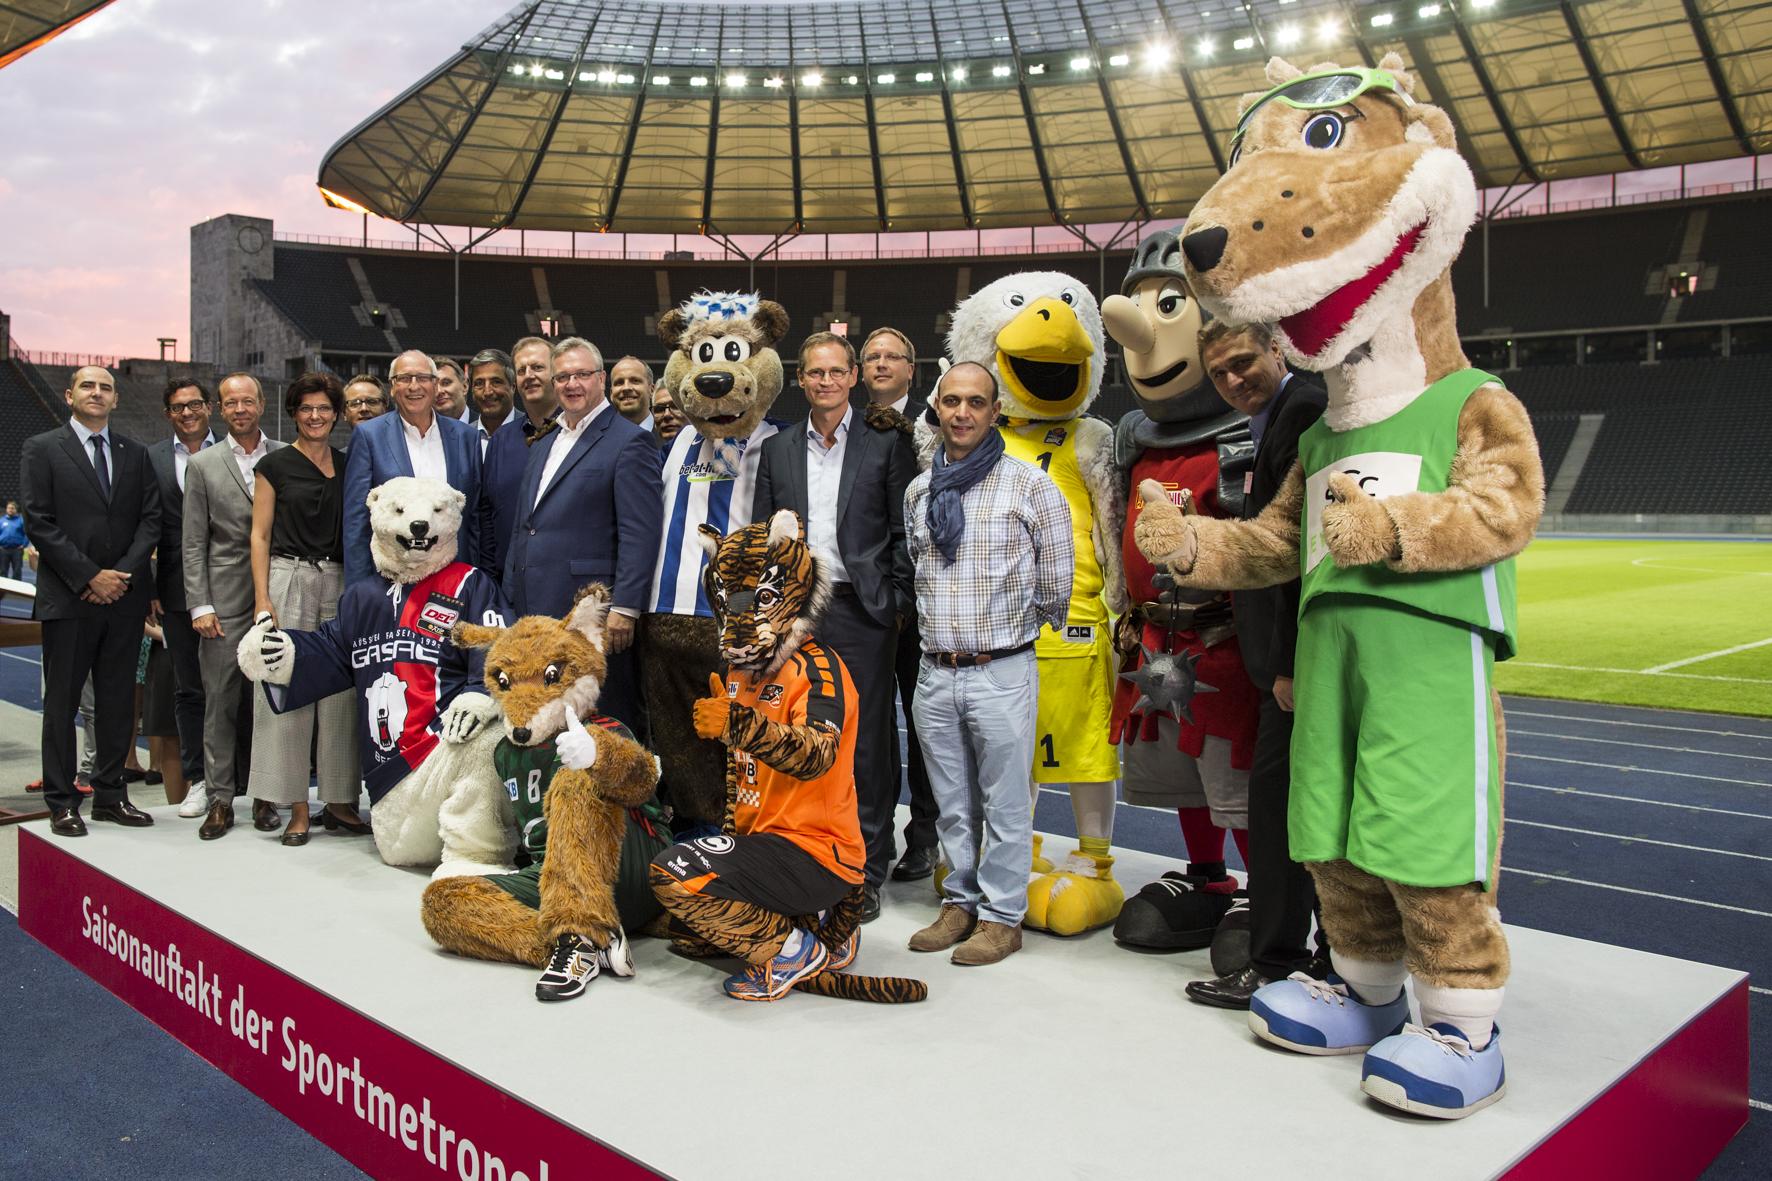 Mitglieder der Sportmetropole Berlin, (c) visitBerlin, Foto Dirk Mathesius